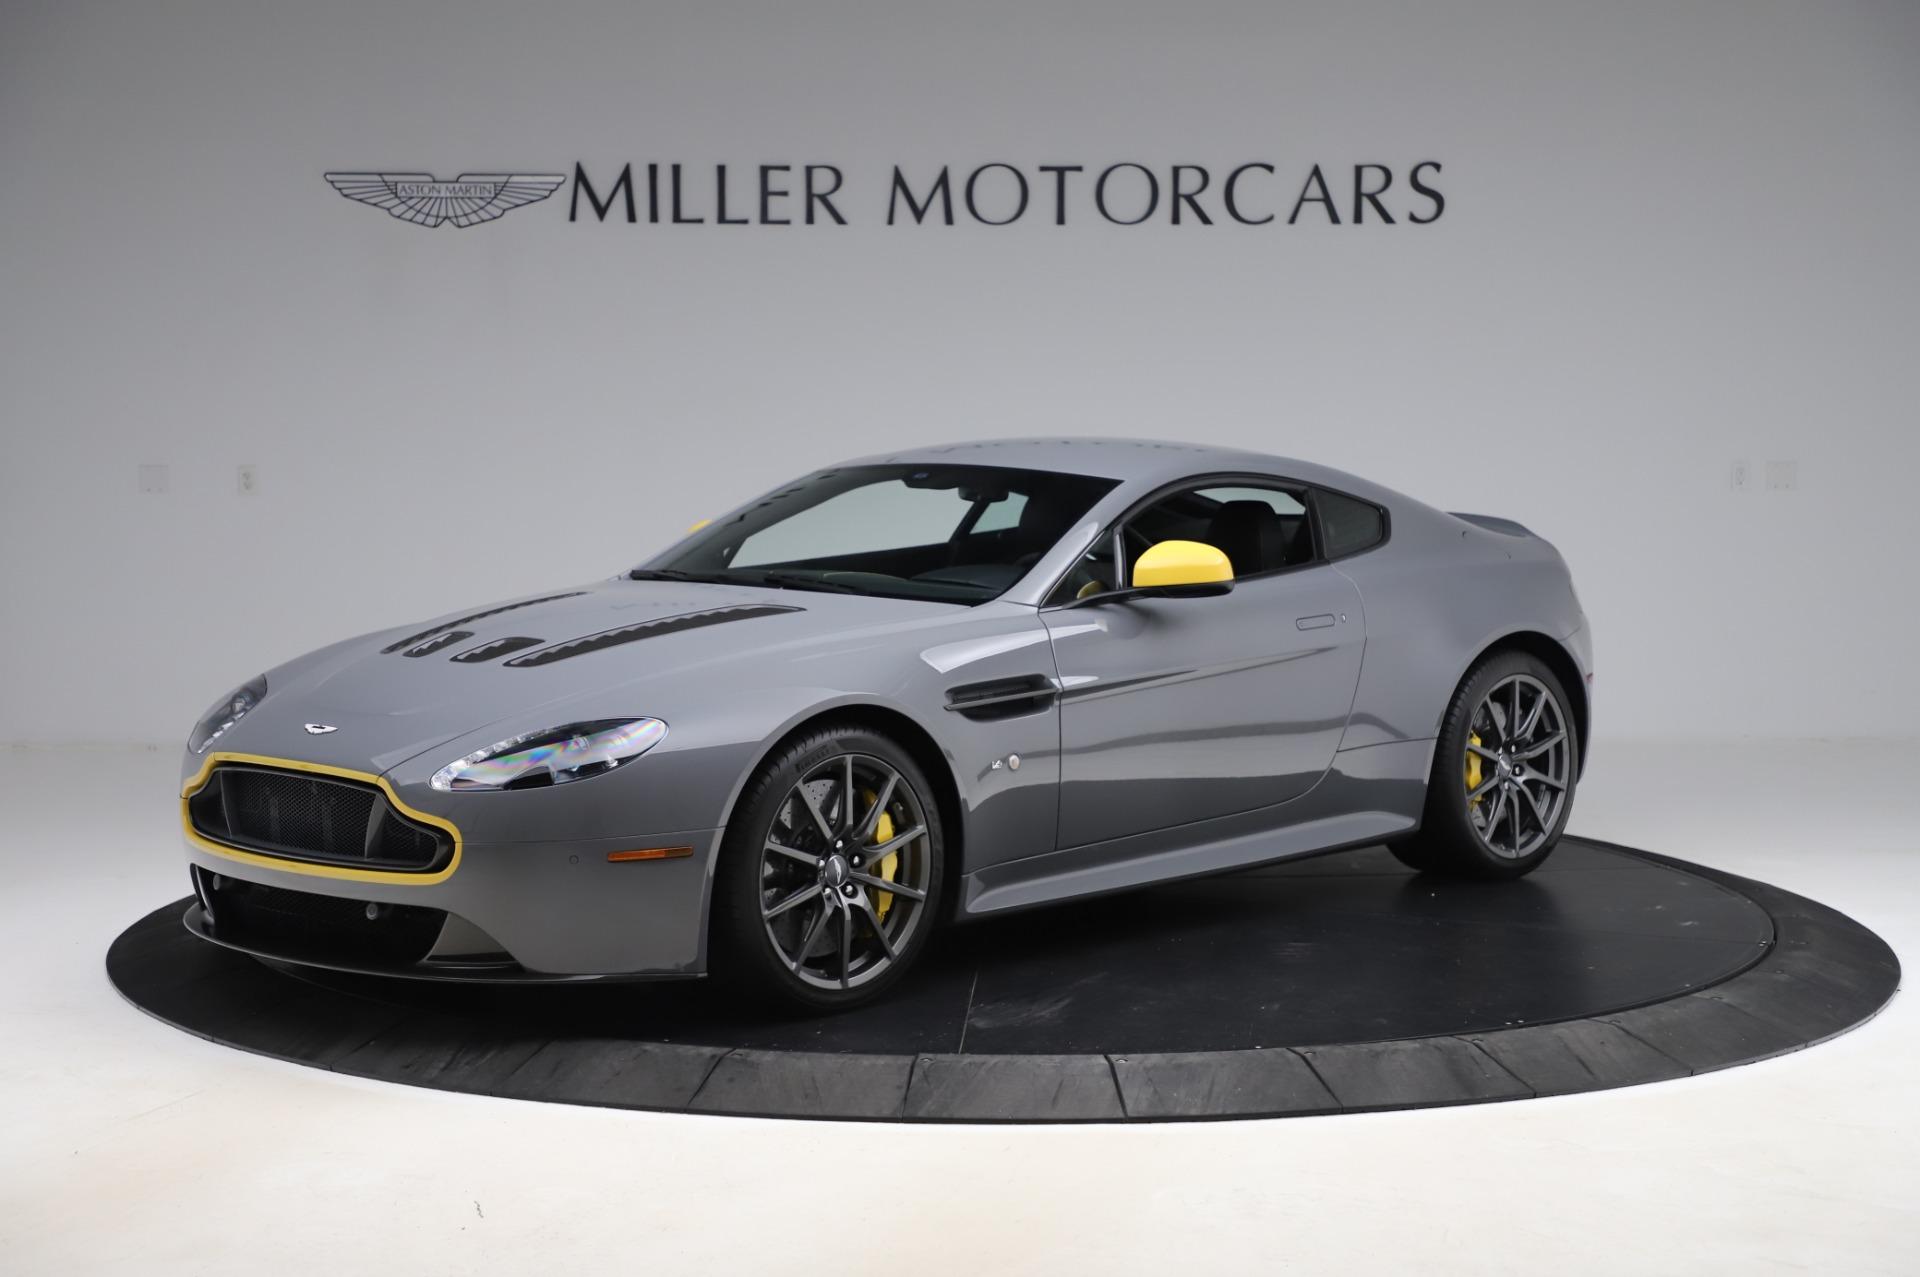 Used 2017 Aston Martin V12 Vantage S for sale $185,900 at Bugatti of Greenwich in Greenwich CT 06830 1